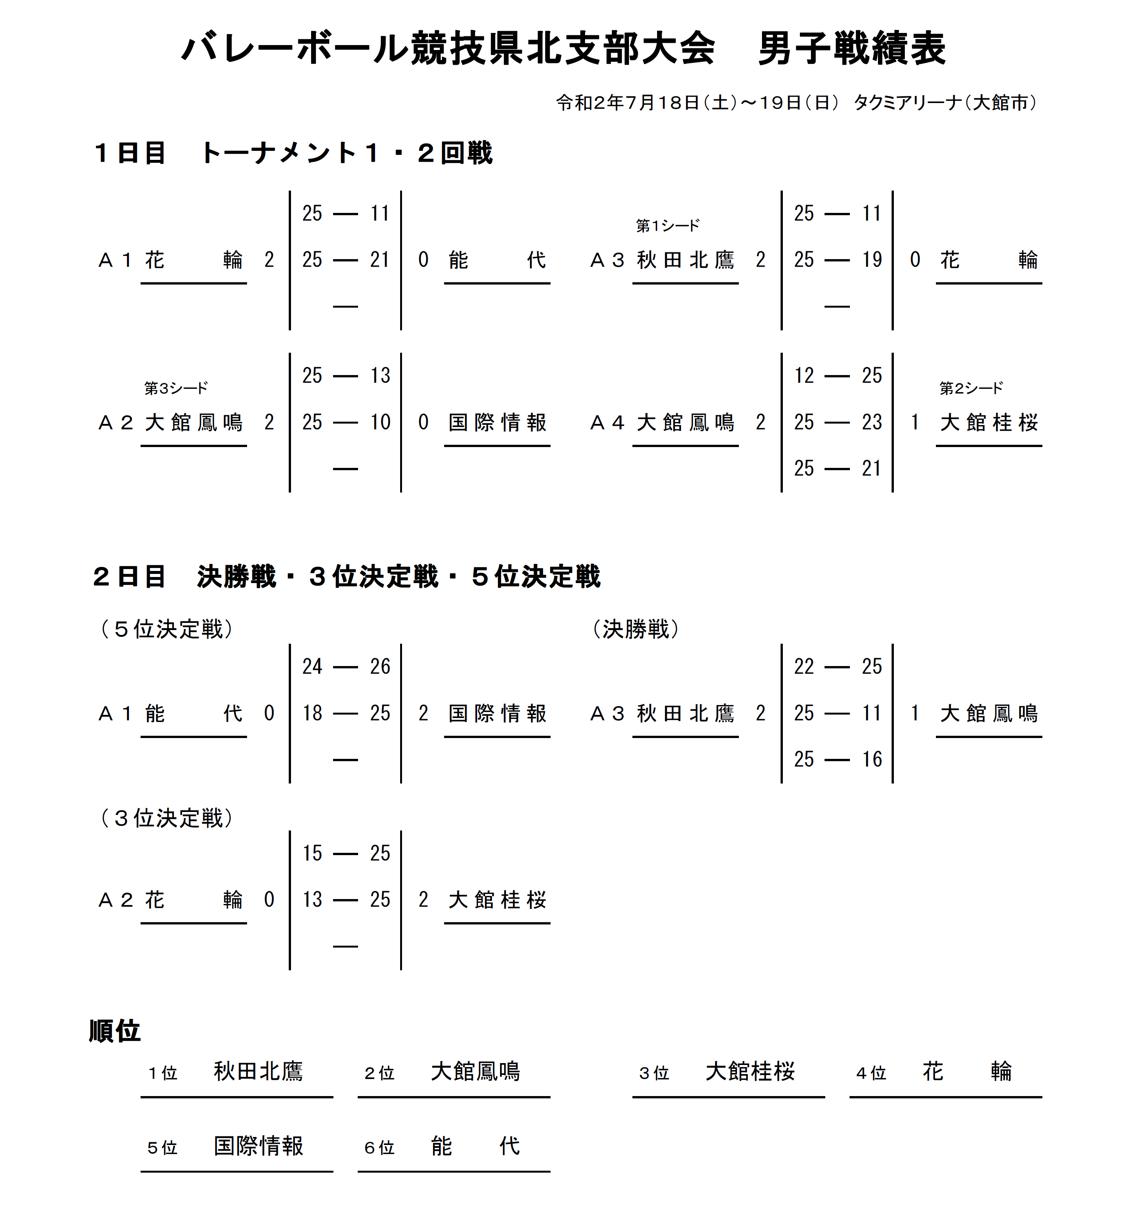 2020_秋田代替大会_県北地区_男子_戦績表